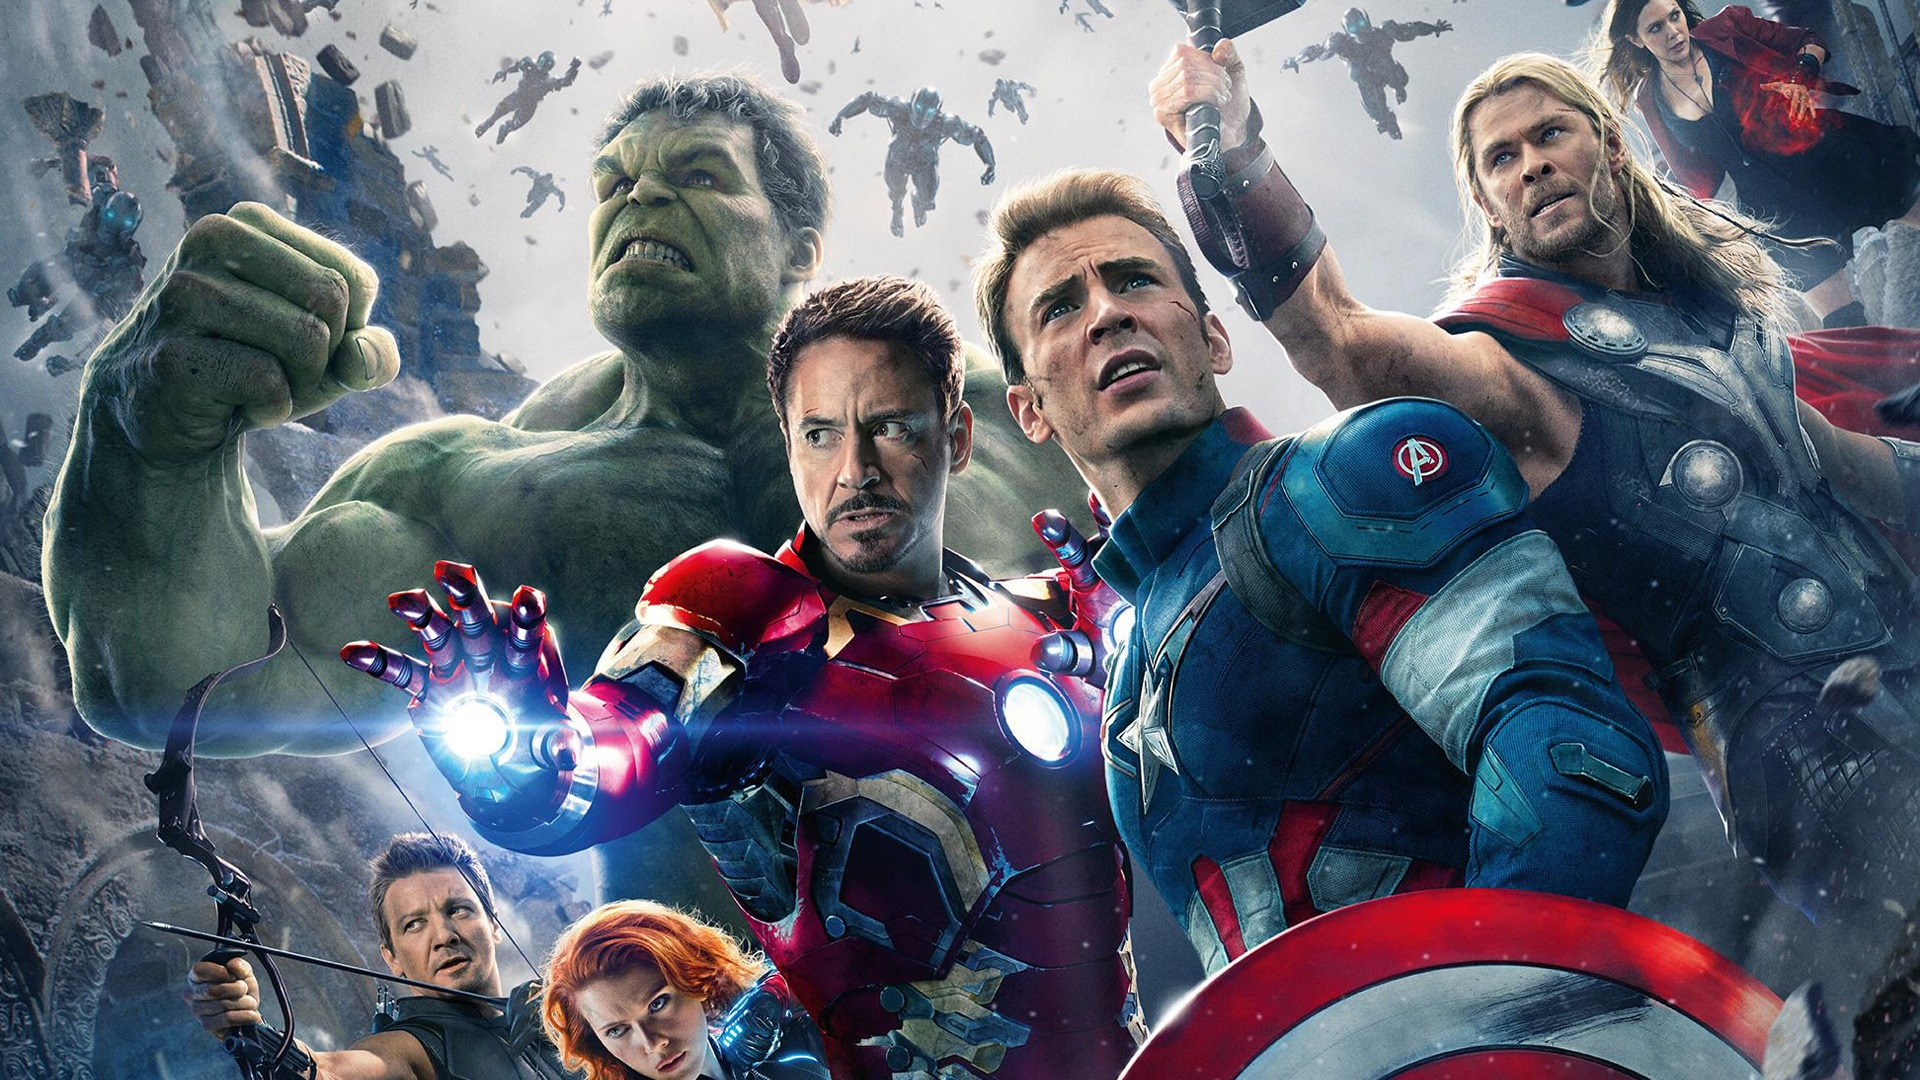 Avengers-wallpaper-5